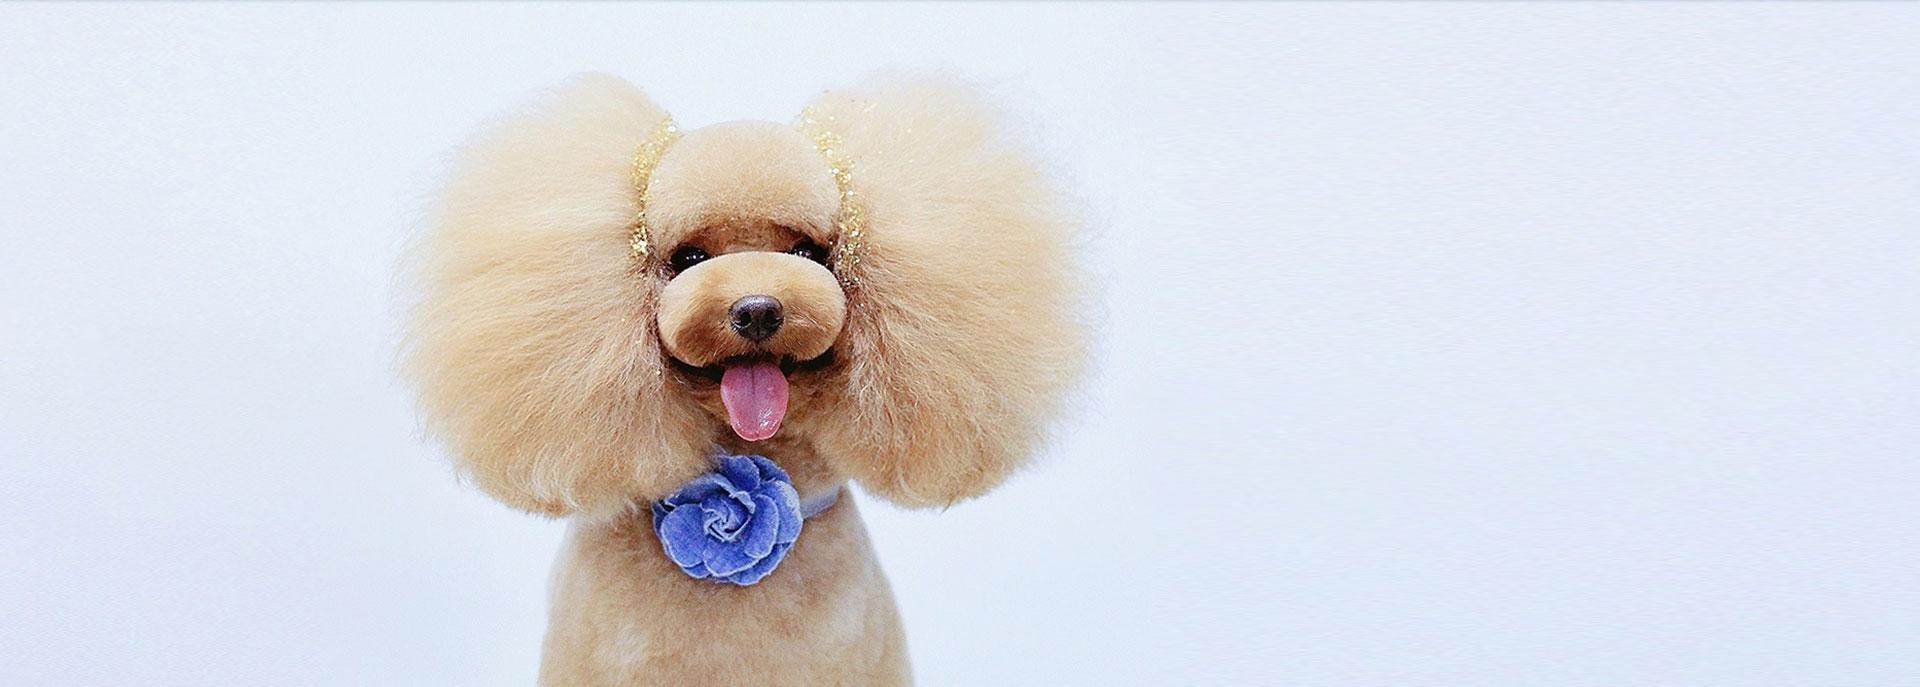 学习宠物美容师该考虑哪些方面